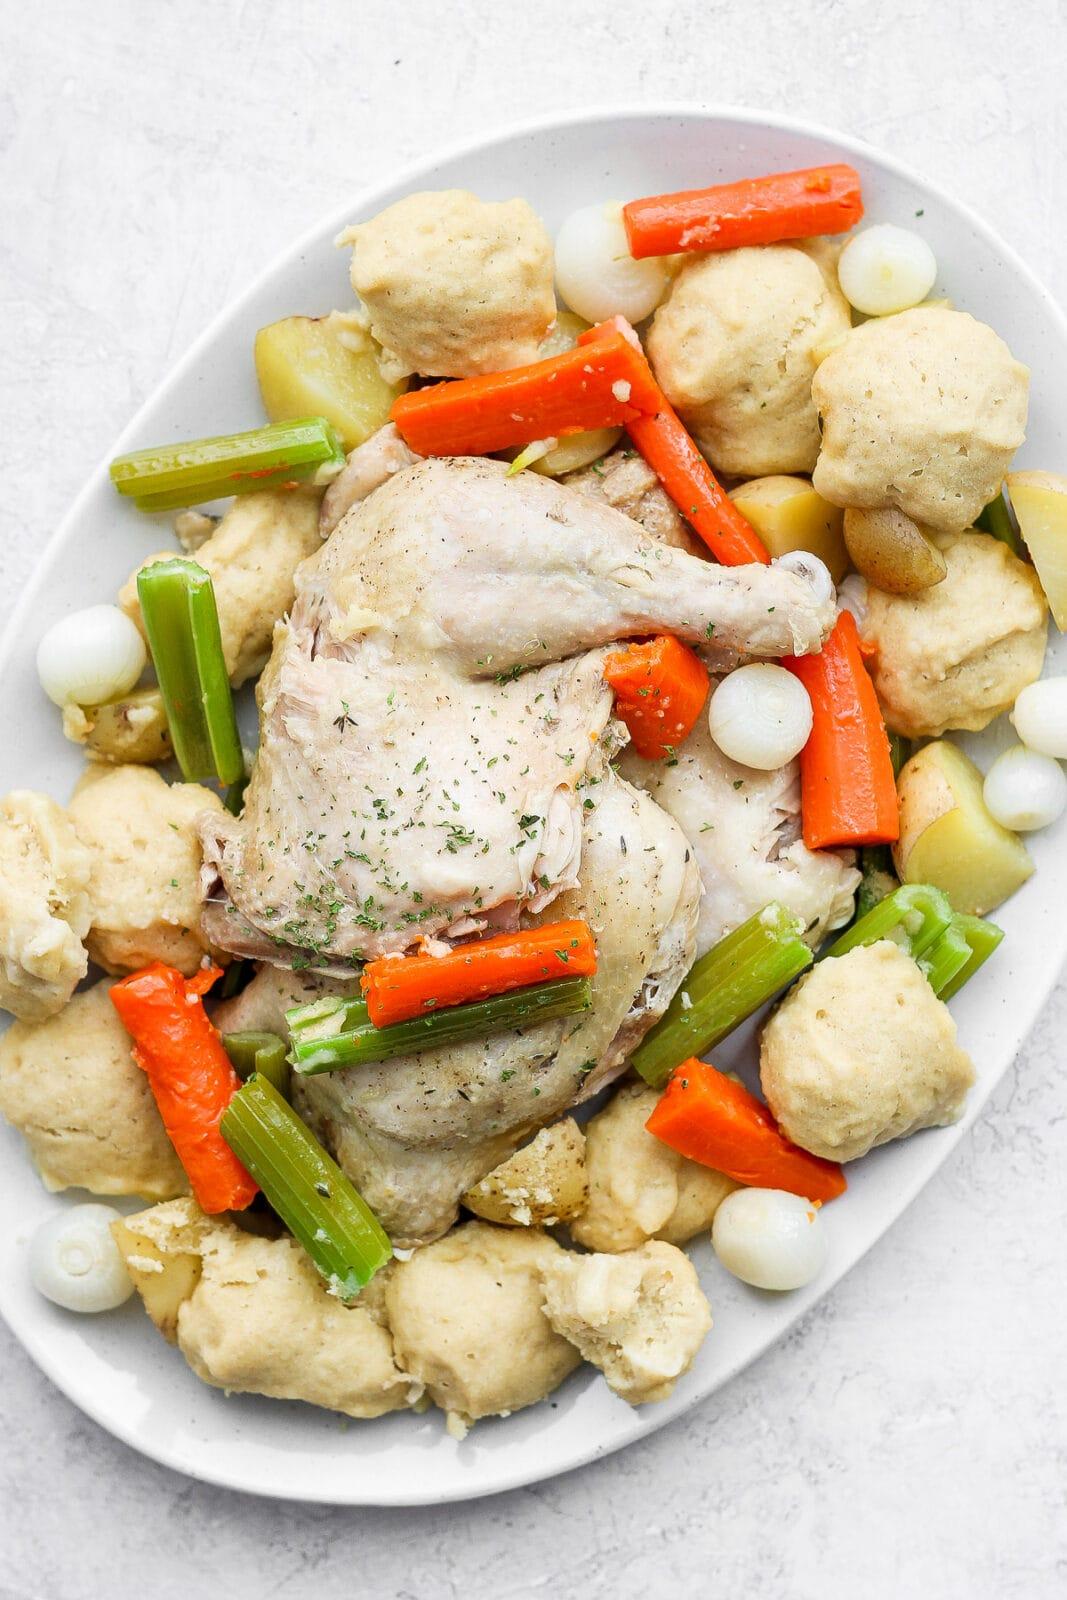 Platter of chicken and dumplings.